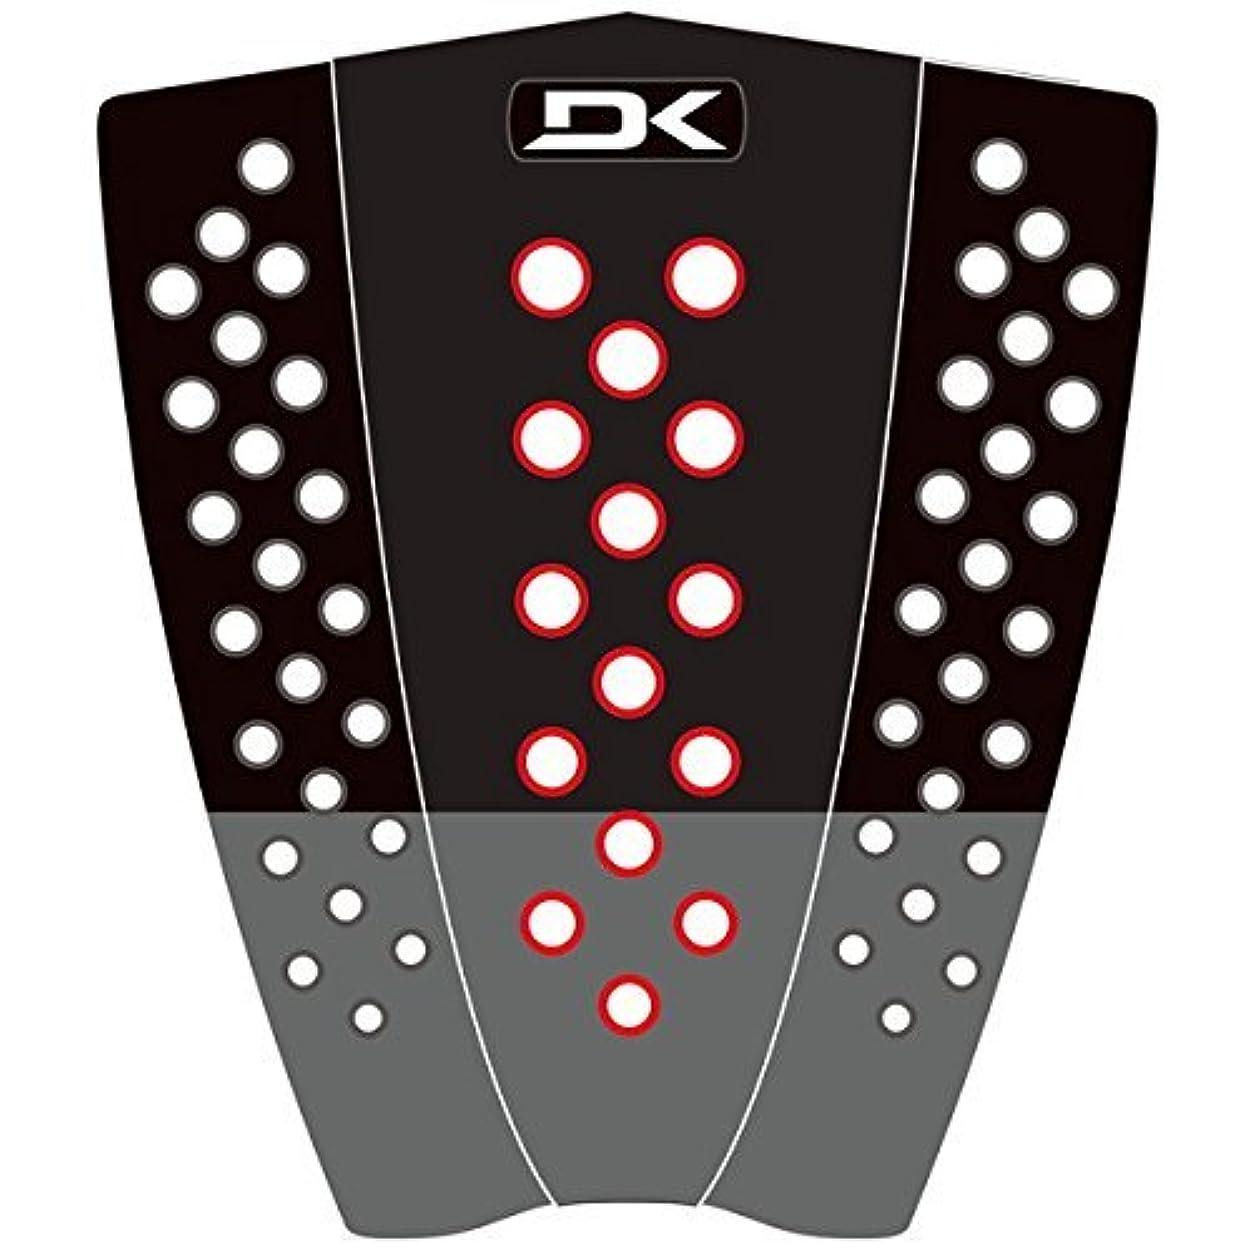 トラフィック司教お気に入りDAKINE(ダカイン) デッキパッド デッキパッド 3ピース (ジョエルパーキンソン モデル) [ AI237-804 / JOEL PARKINSON PRO PAD ] サーフィン サーフボード <ユニセックス> AI237-804 BLK F